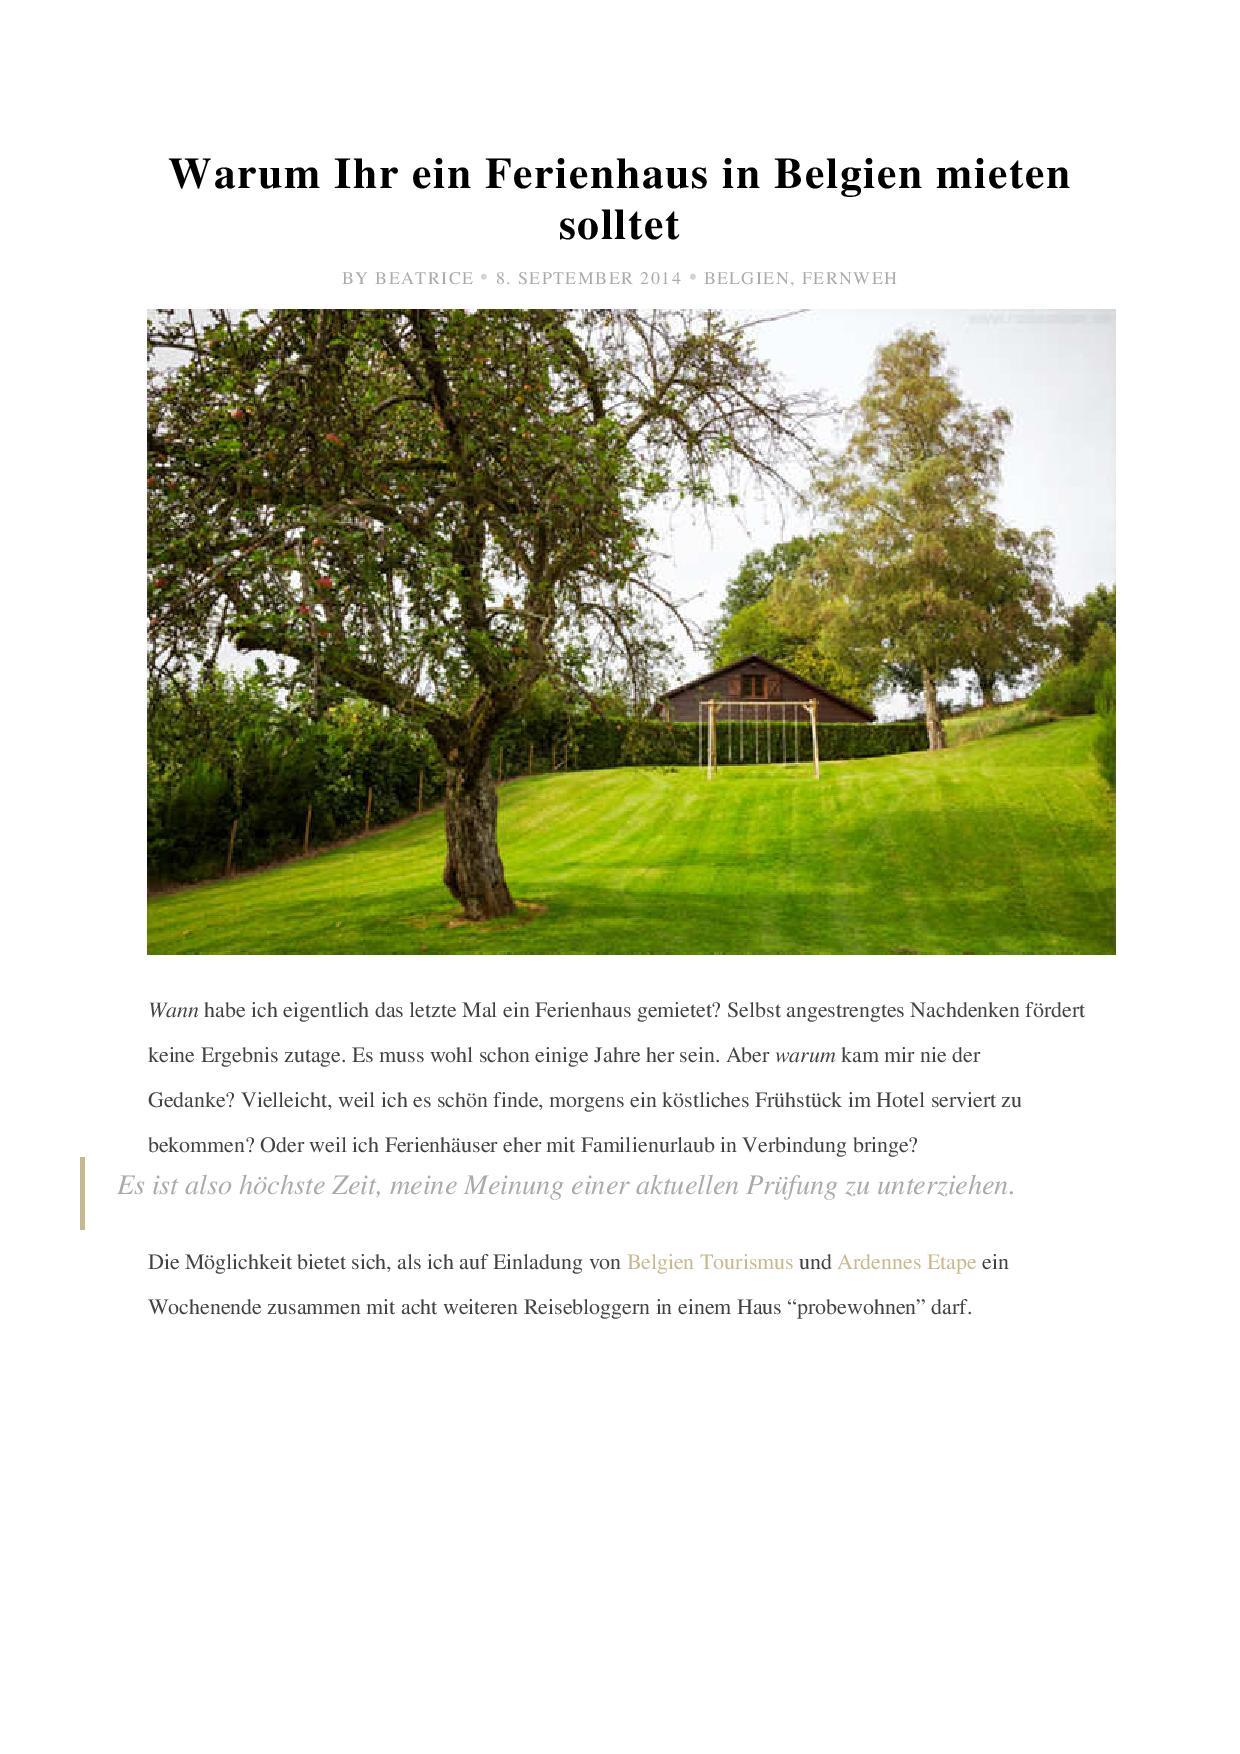 Warum Ihr ein Ferienhaus in Belgien mieten solltet-page-001